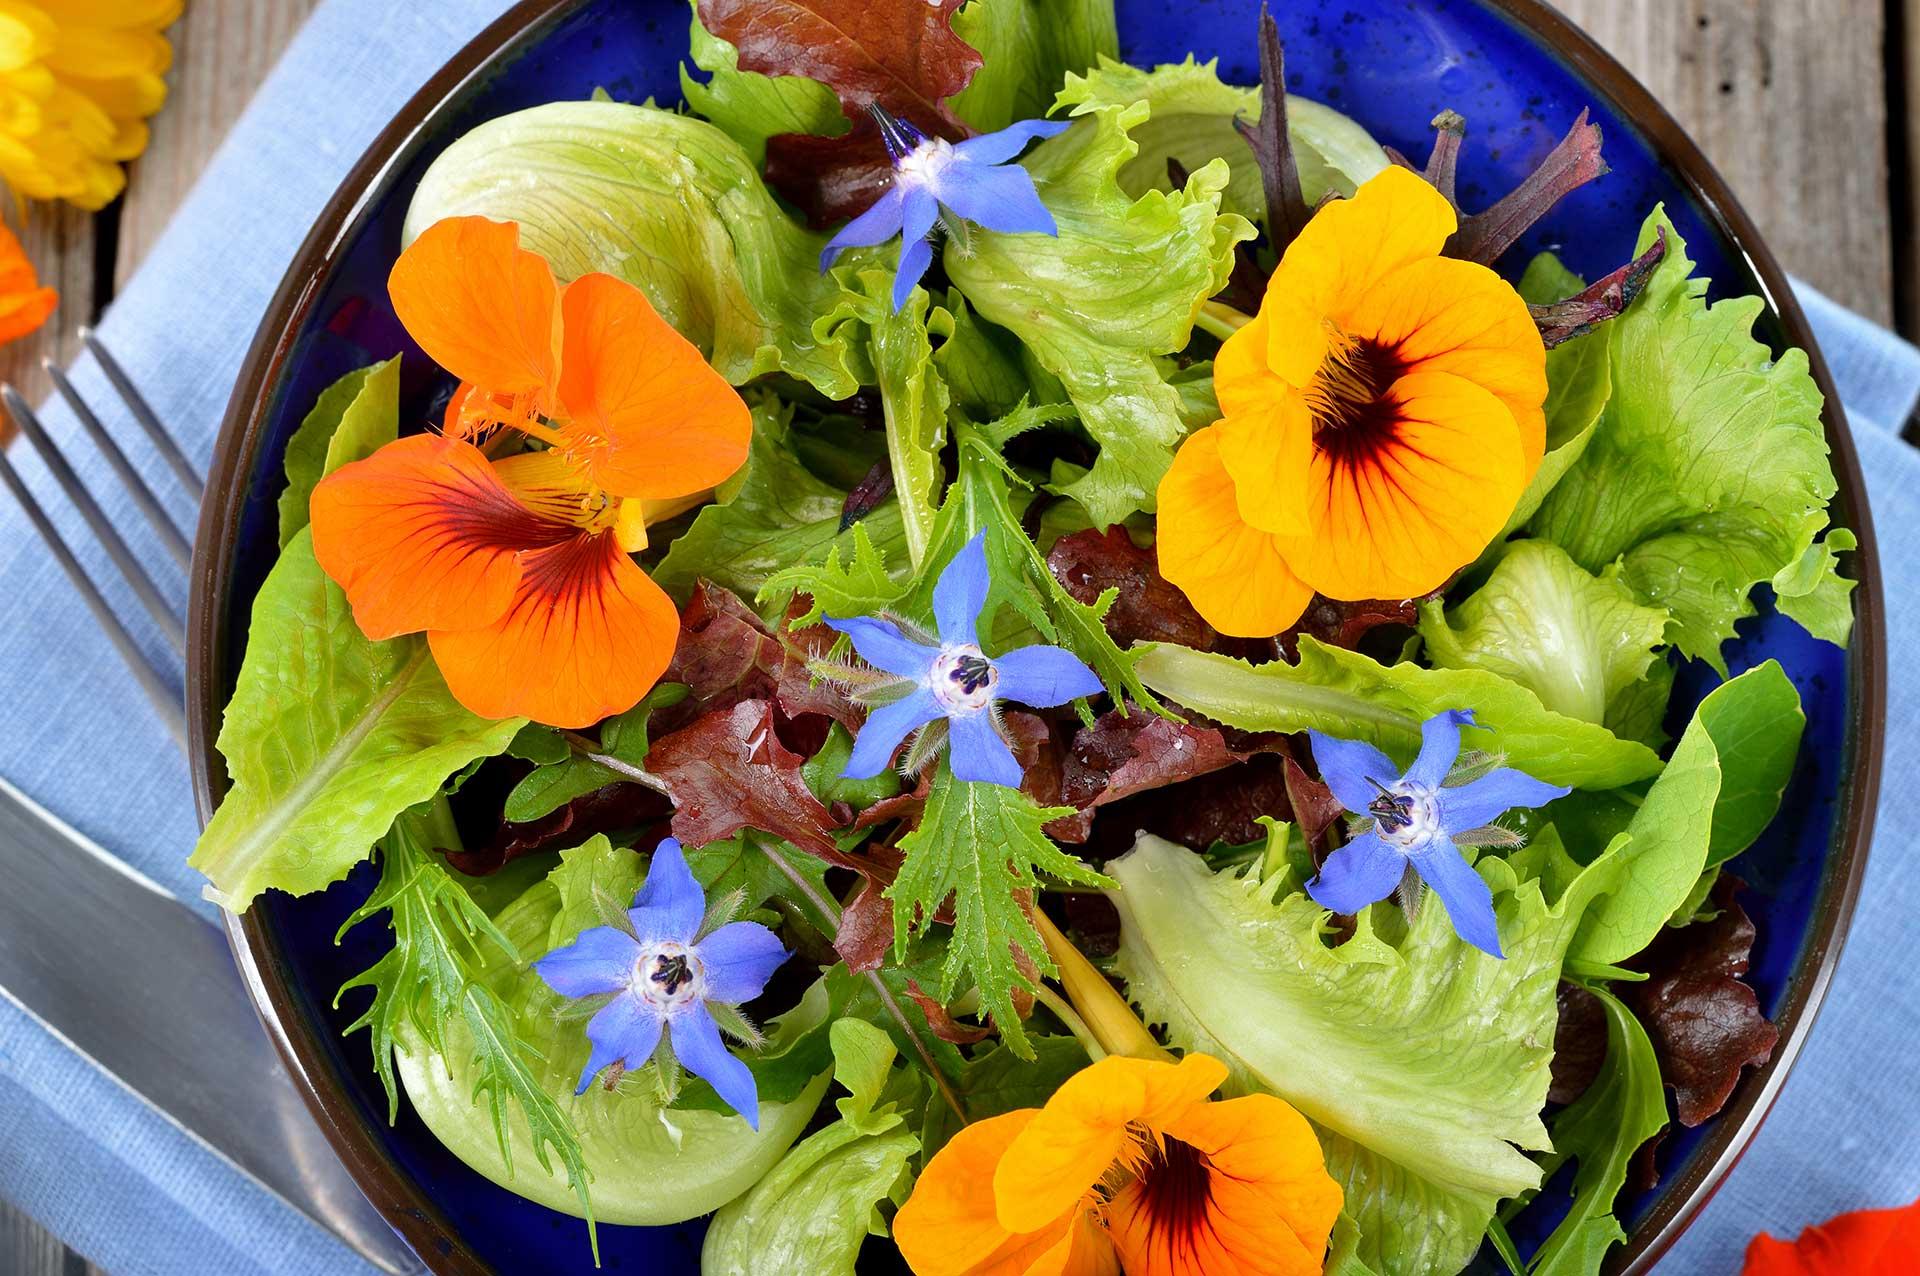 Trucchi per insalate estive irresistibili doma food for Fiori edibili